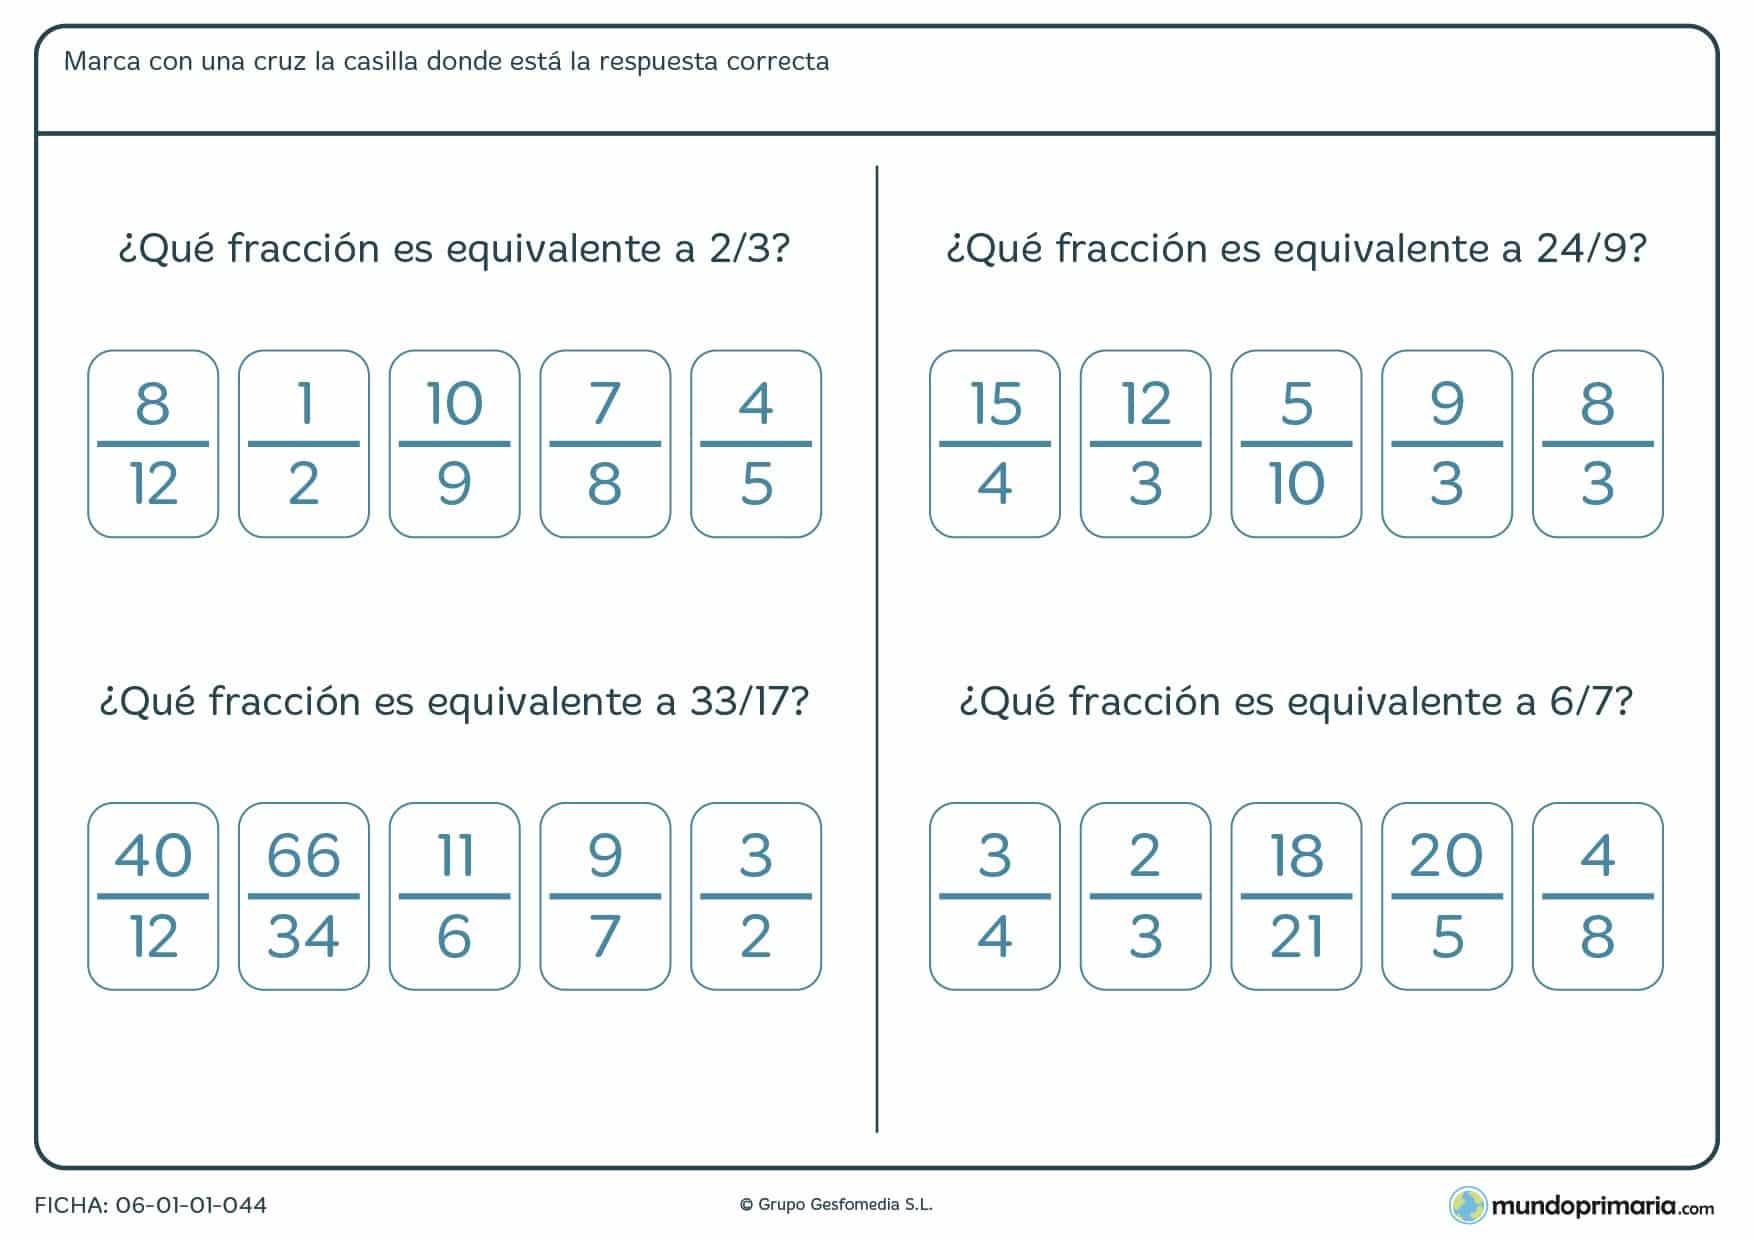 Ficha que comprende cuatro ejercicios de búsqueda de fracciones equivalentes al compararlas entre ellas